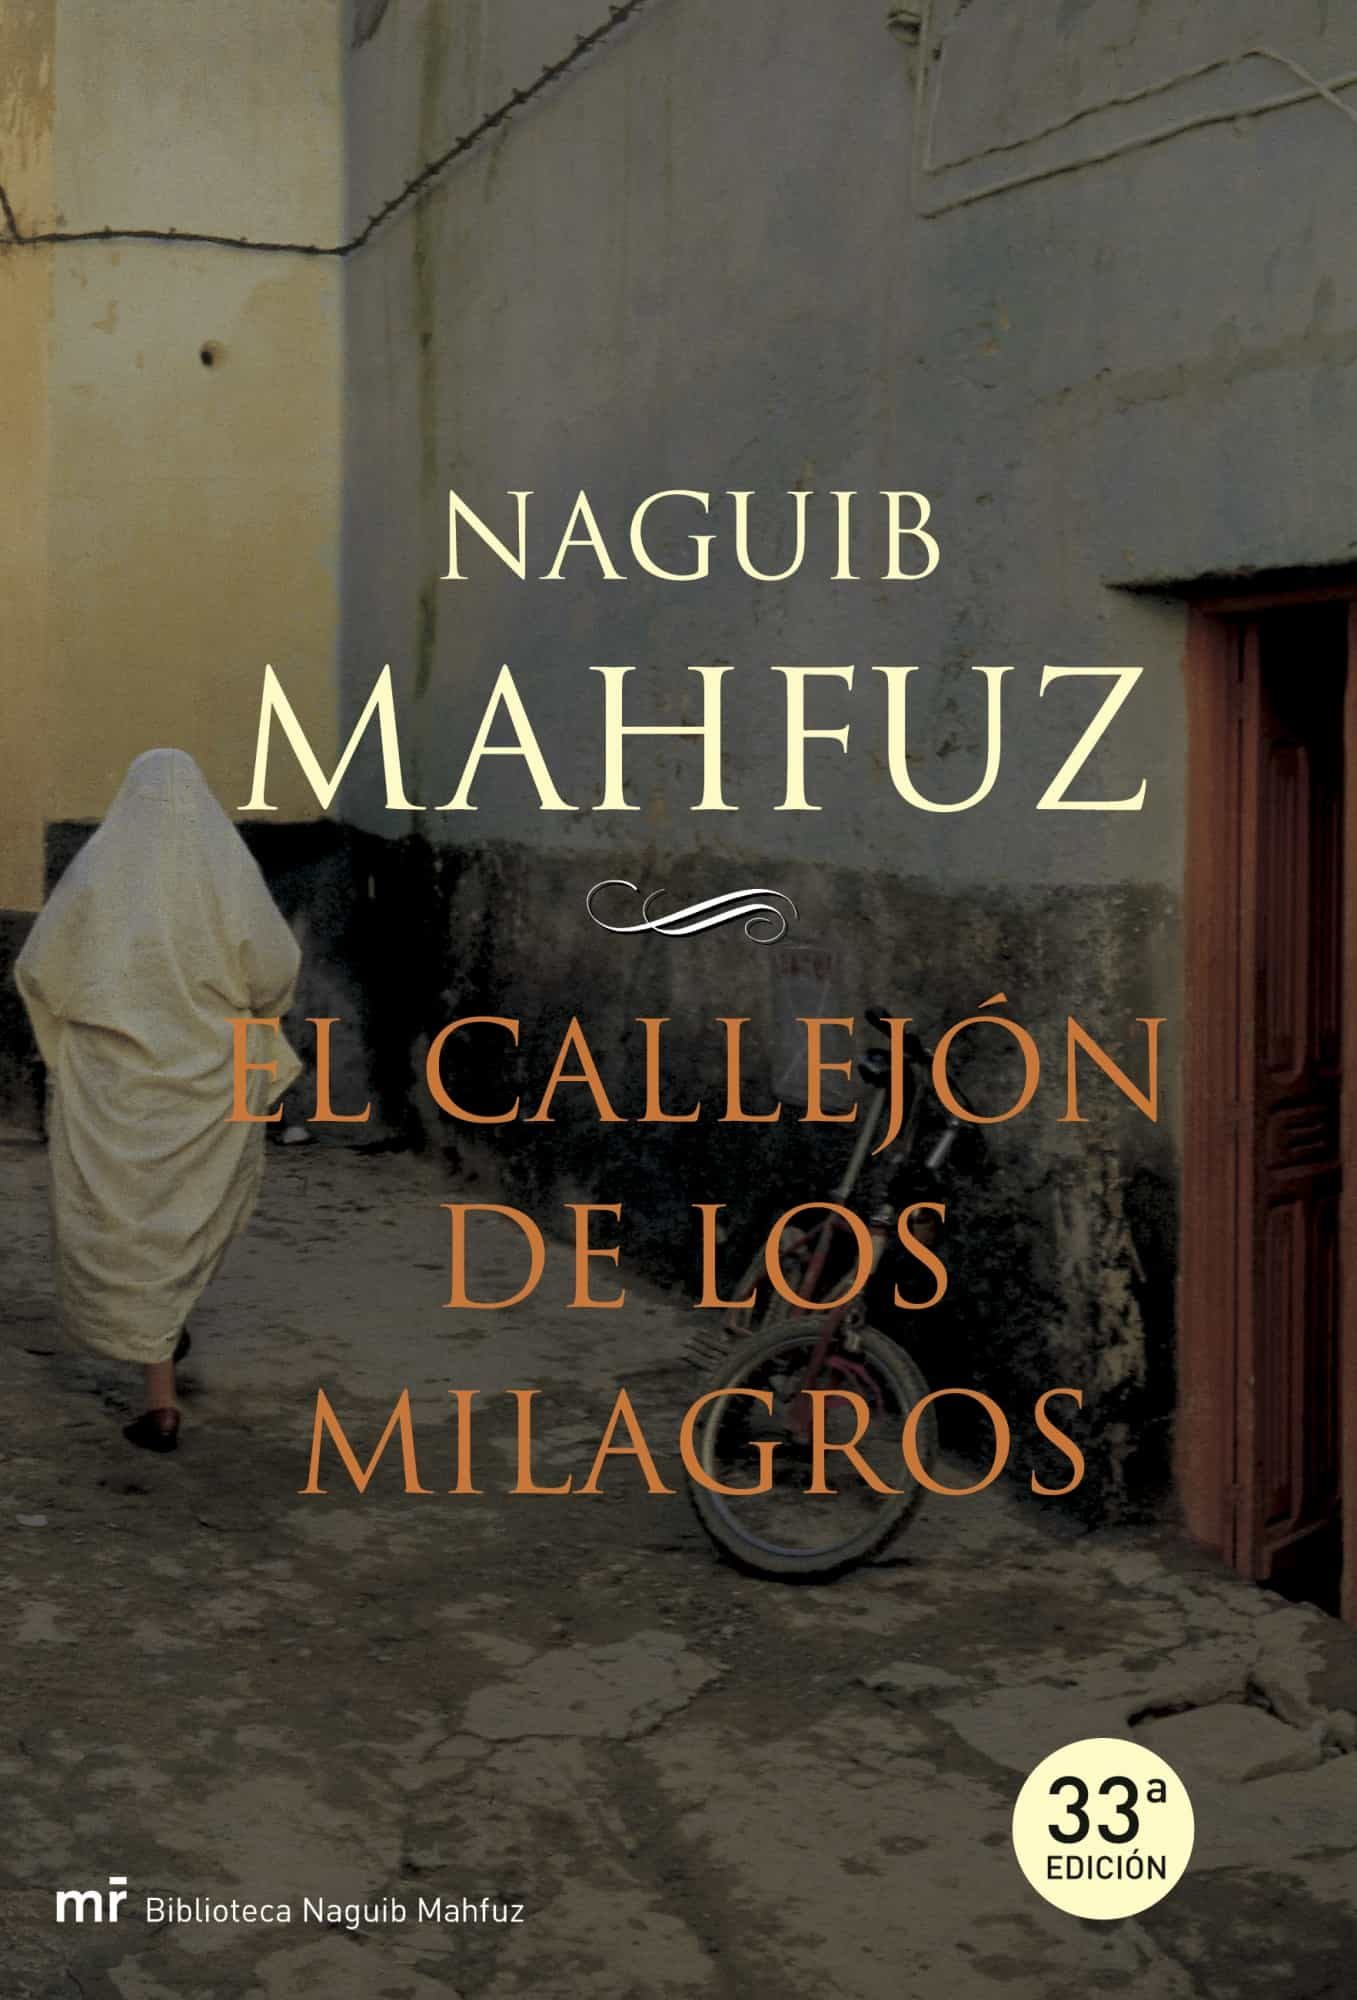 el callejon de los milagros-naguib mahfuz-9788427032866